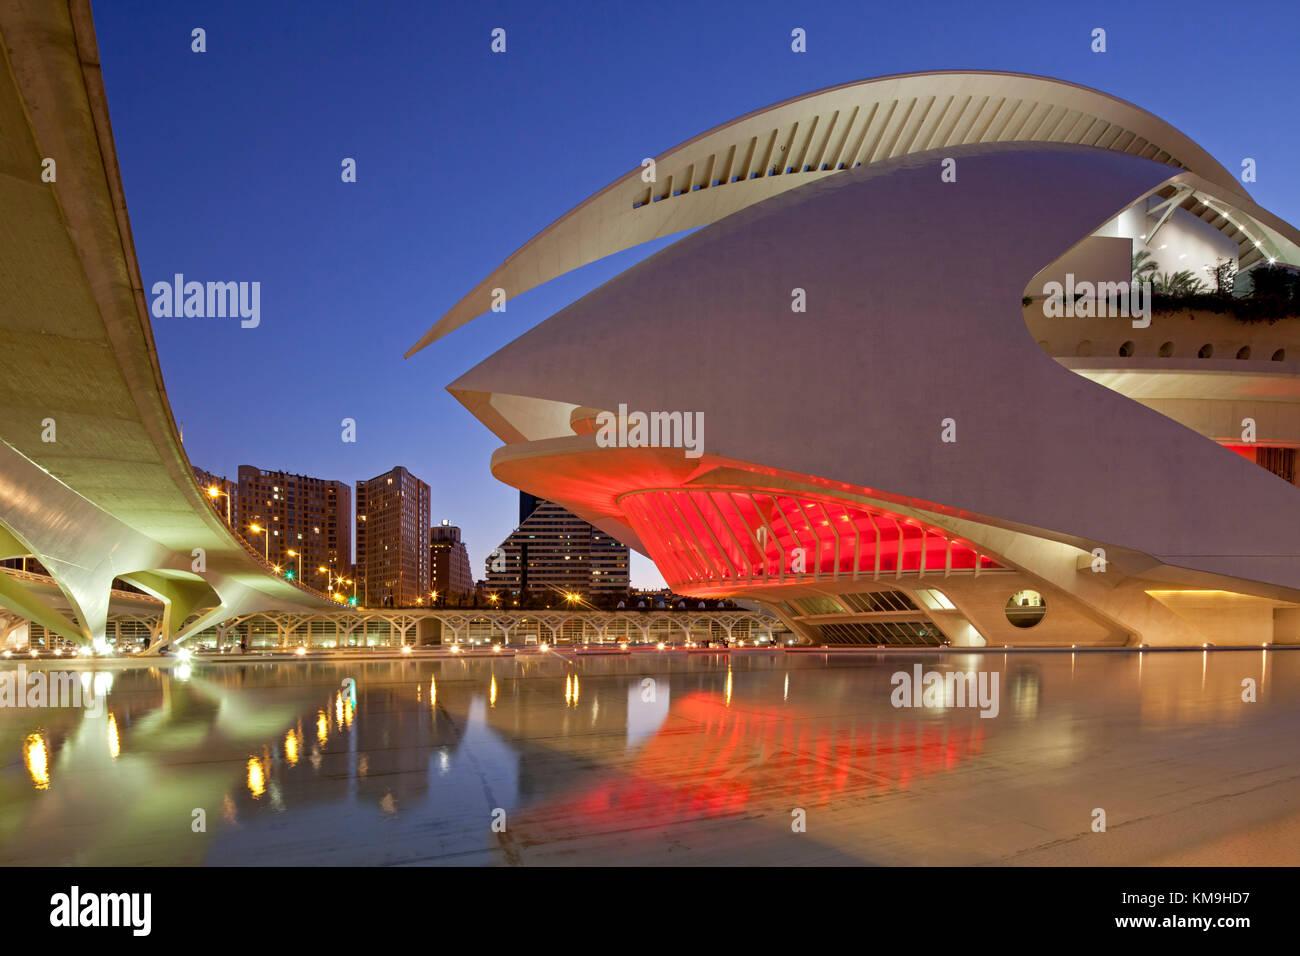 Der Palau de les Arts Reina Sofia von calatrava, Valencia, Spanien Stockbild